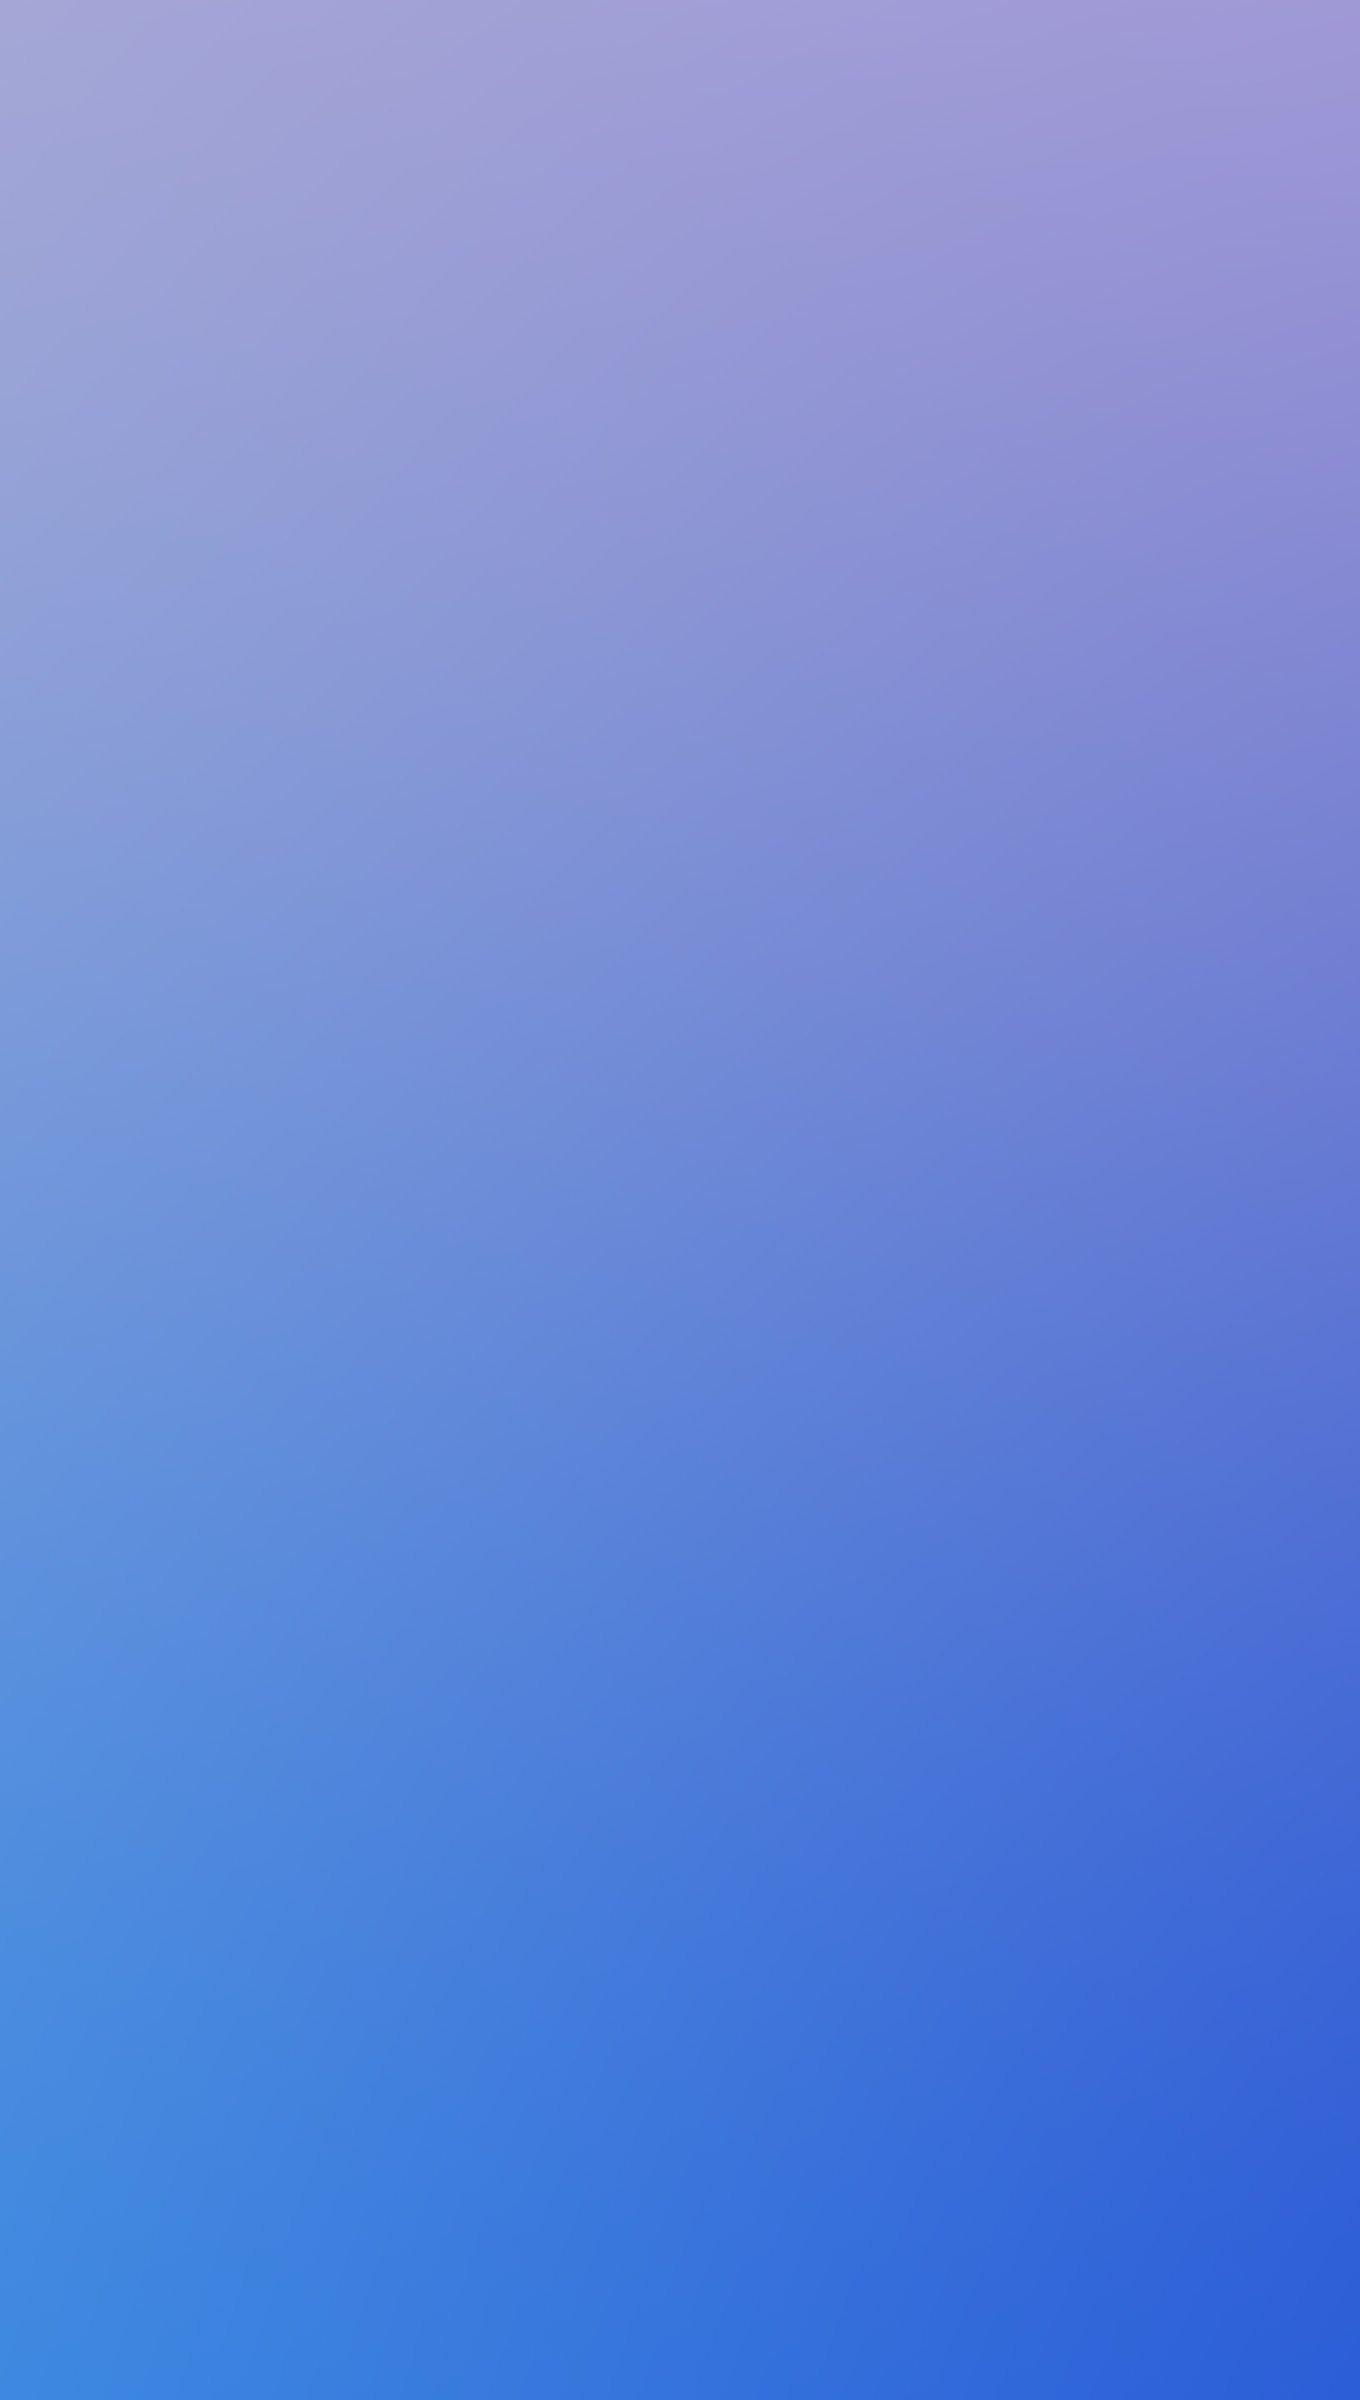 Wallpaper Blue blur gradient Vertical